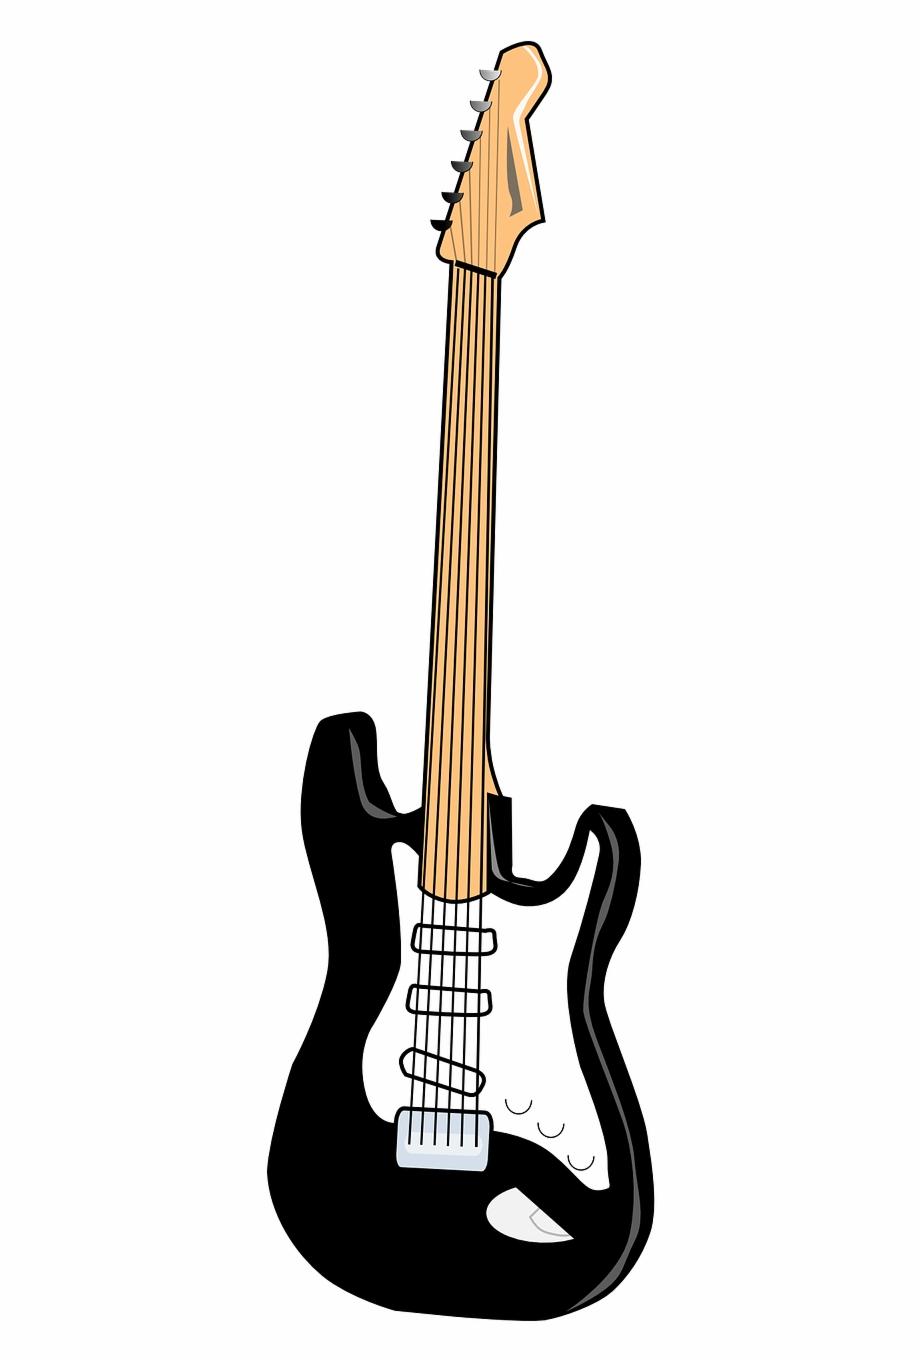 Electric Guitar Music Guitar Png Image.